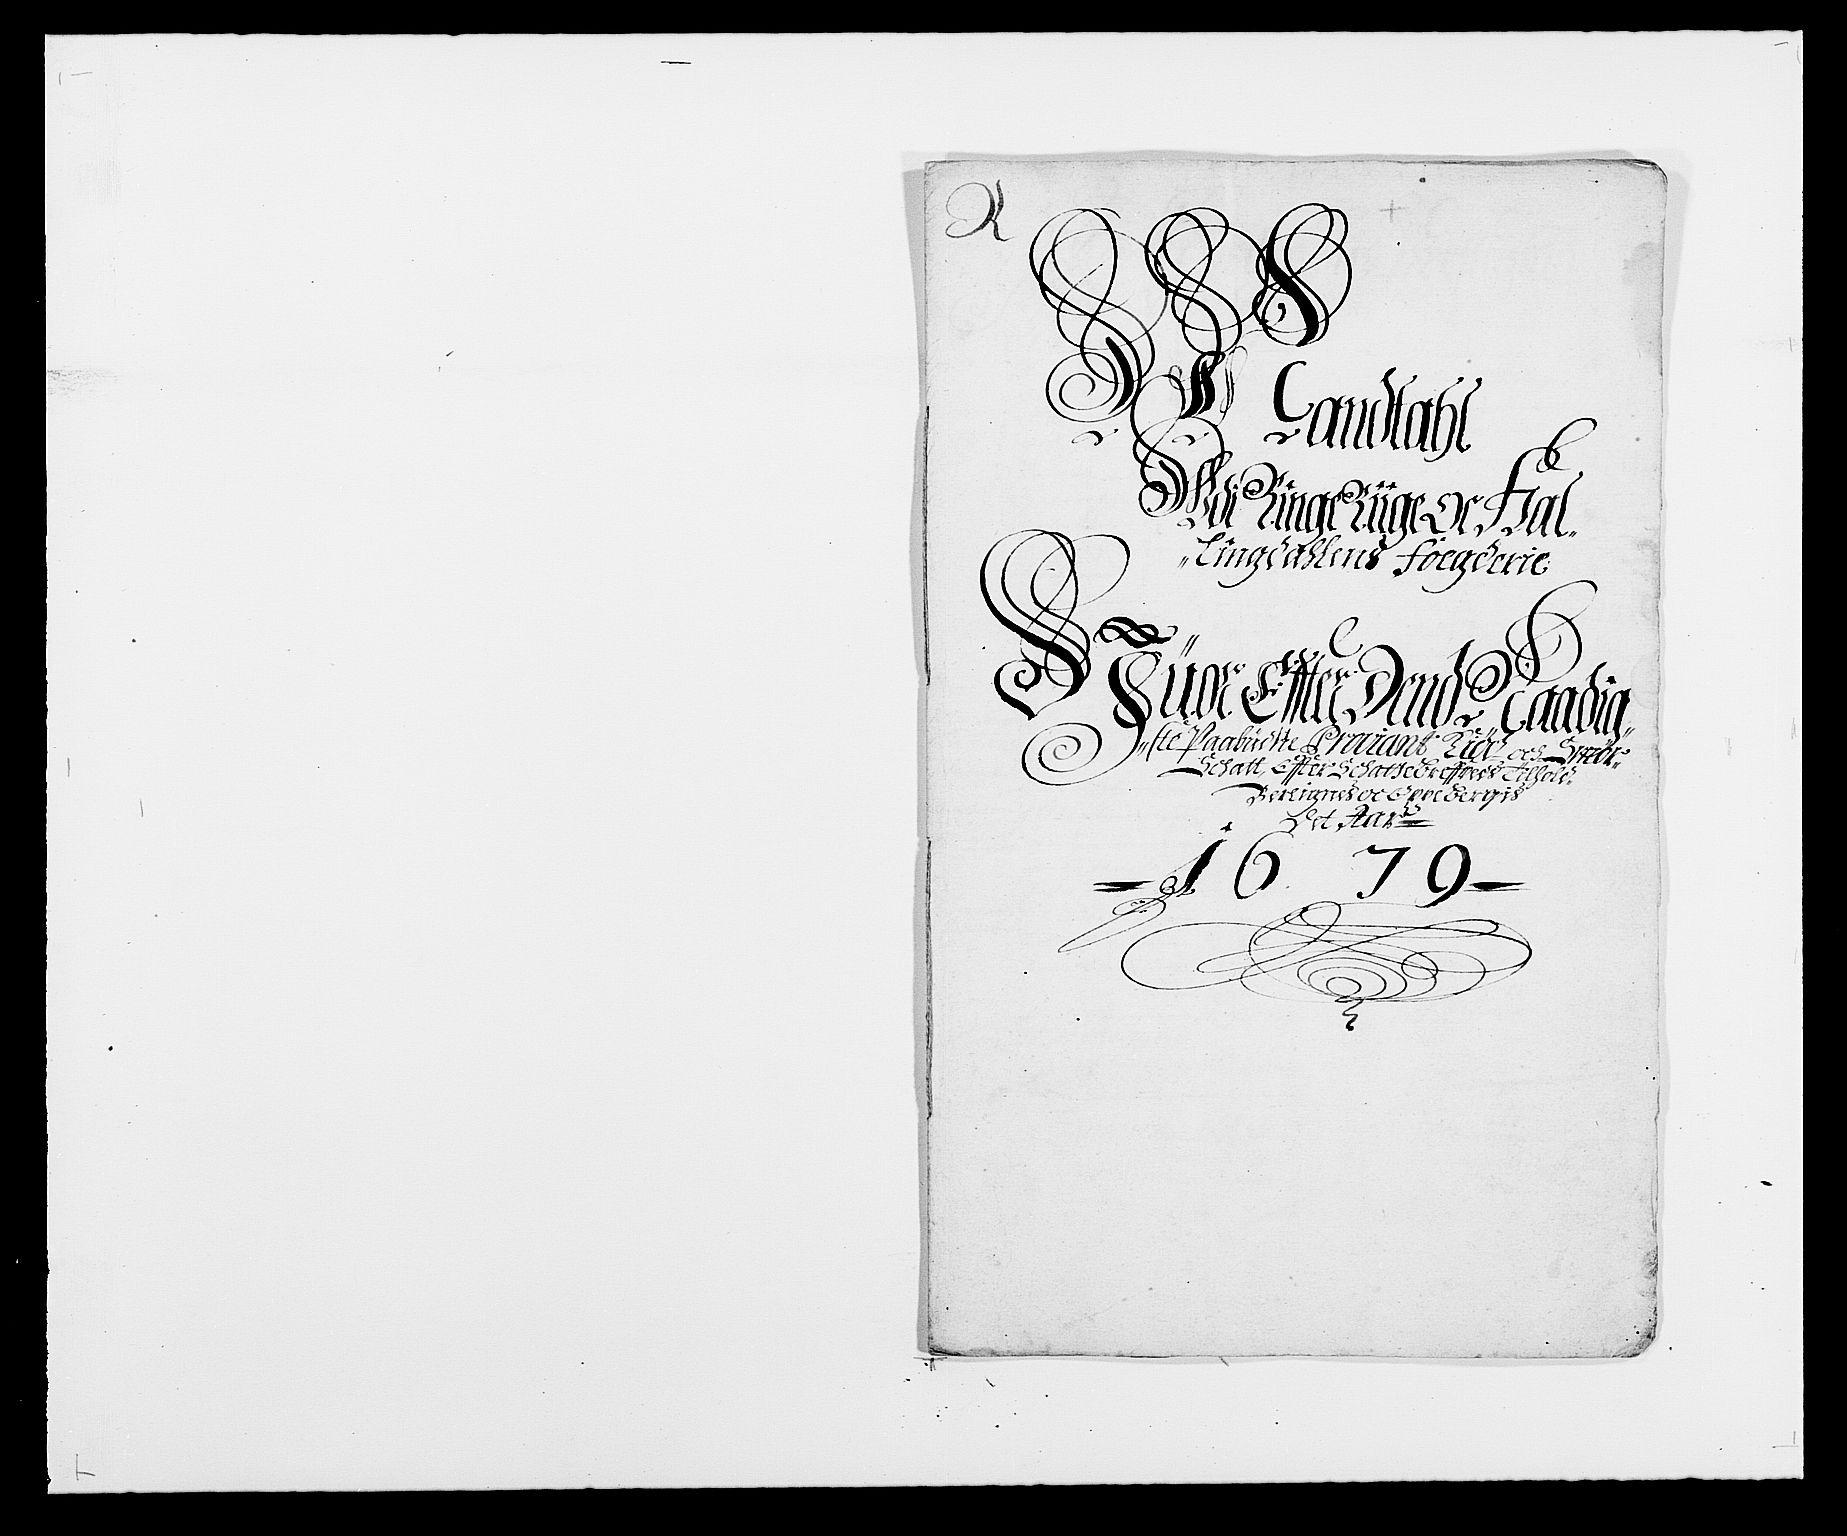 RA, Rentekammeret inntil 1814, Reviderte regnskaper, Fogderegnskap, R21/L1443: Fogderegnskap Ringerike og Hallingdal, 1678-1680, s. 284